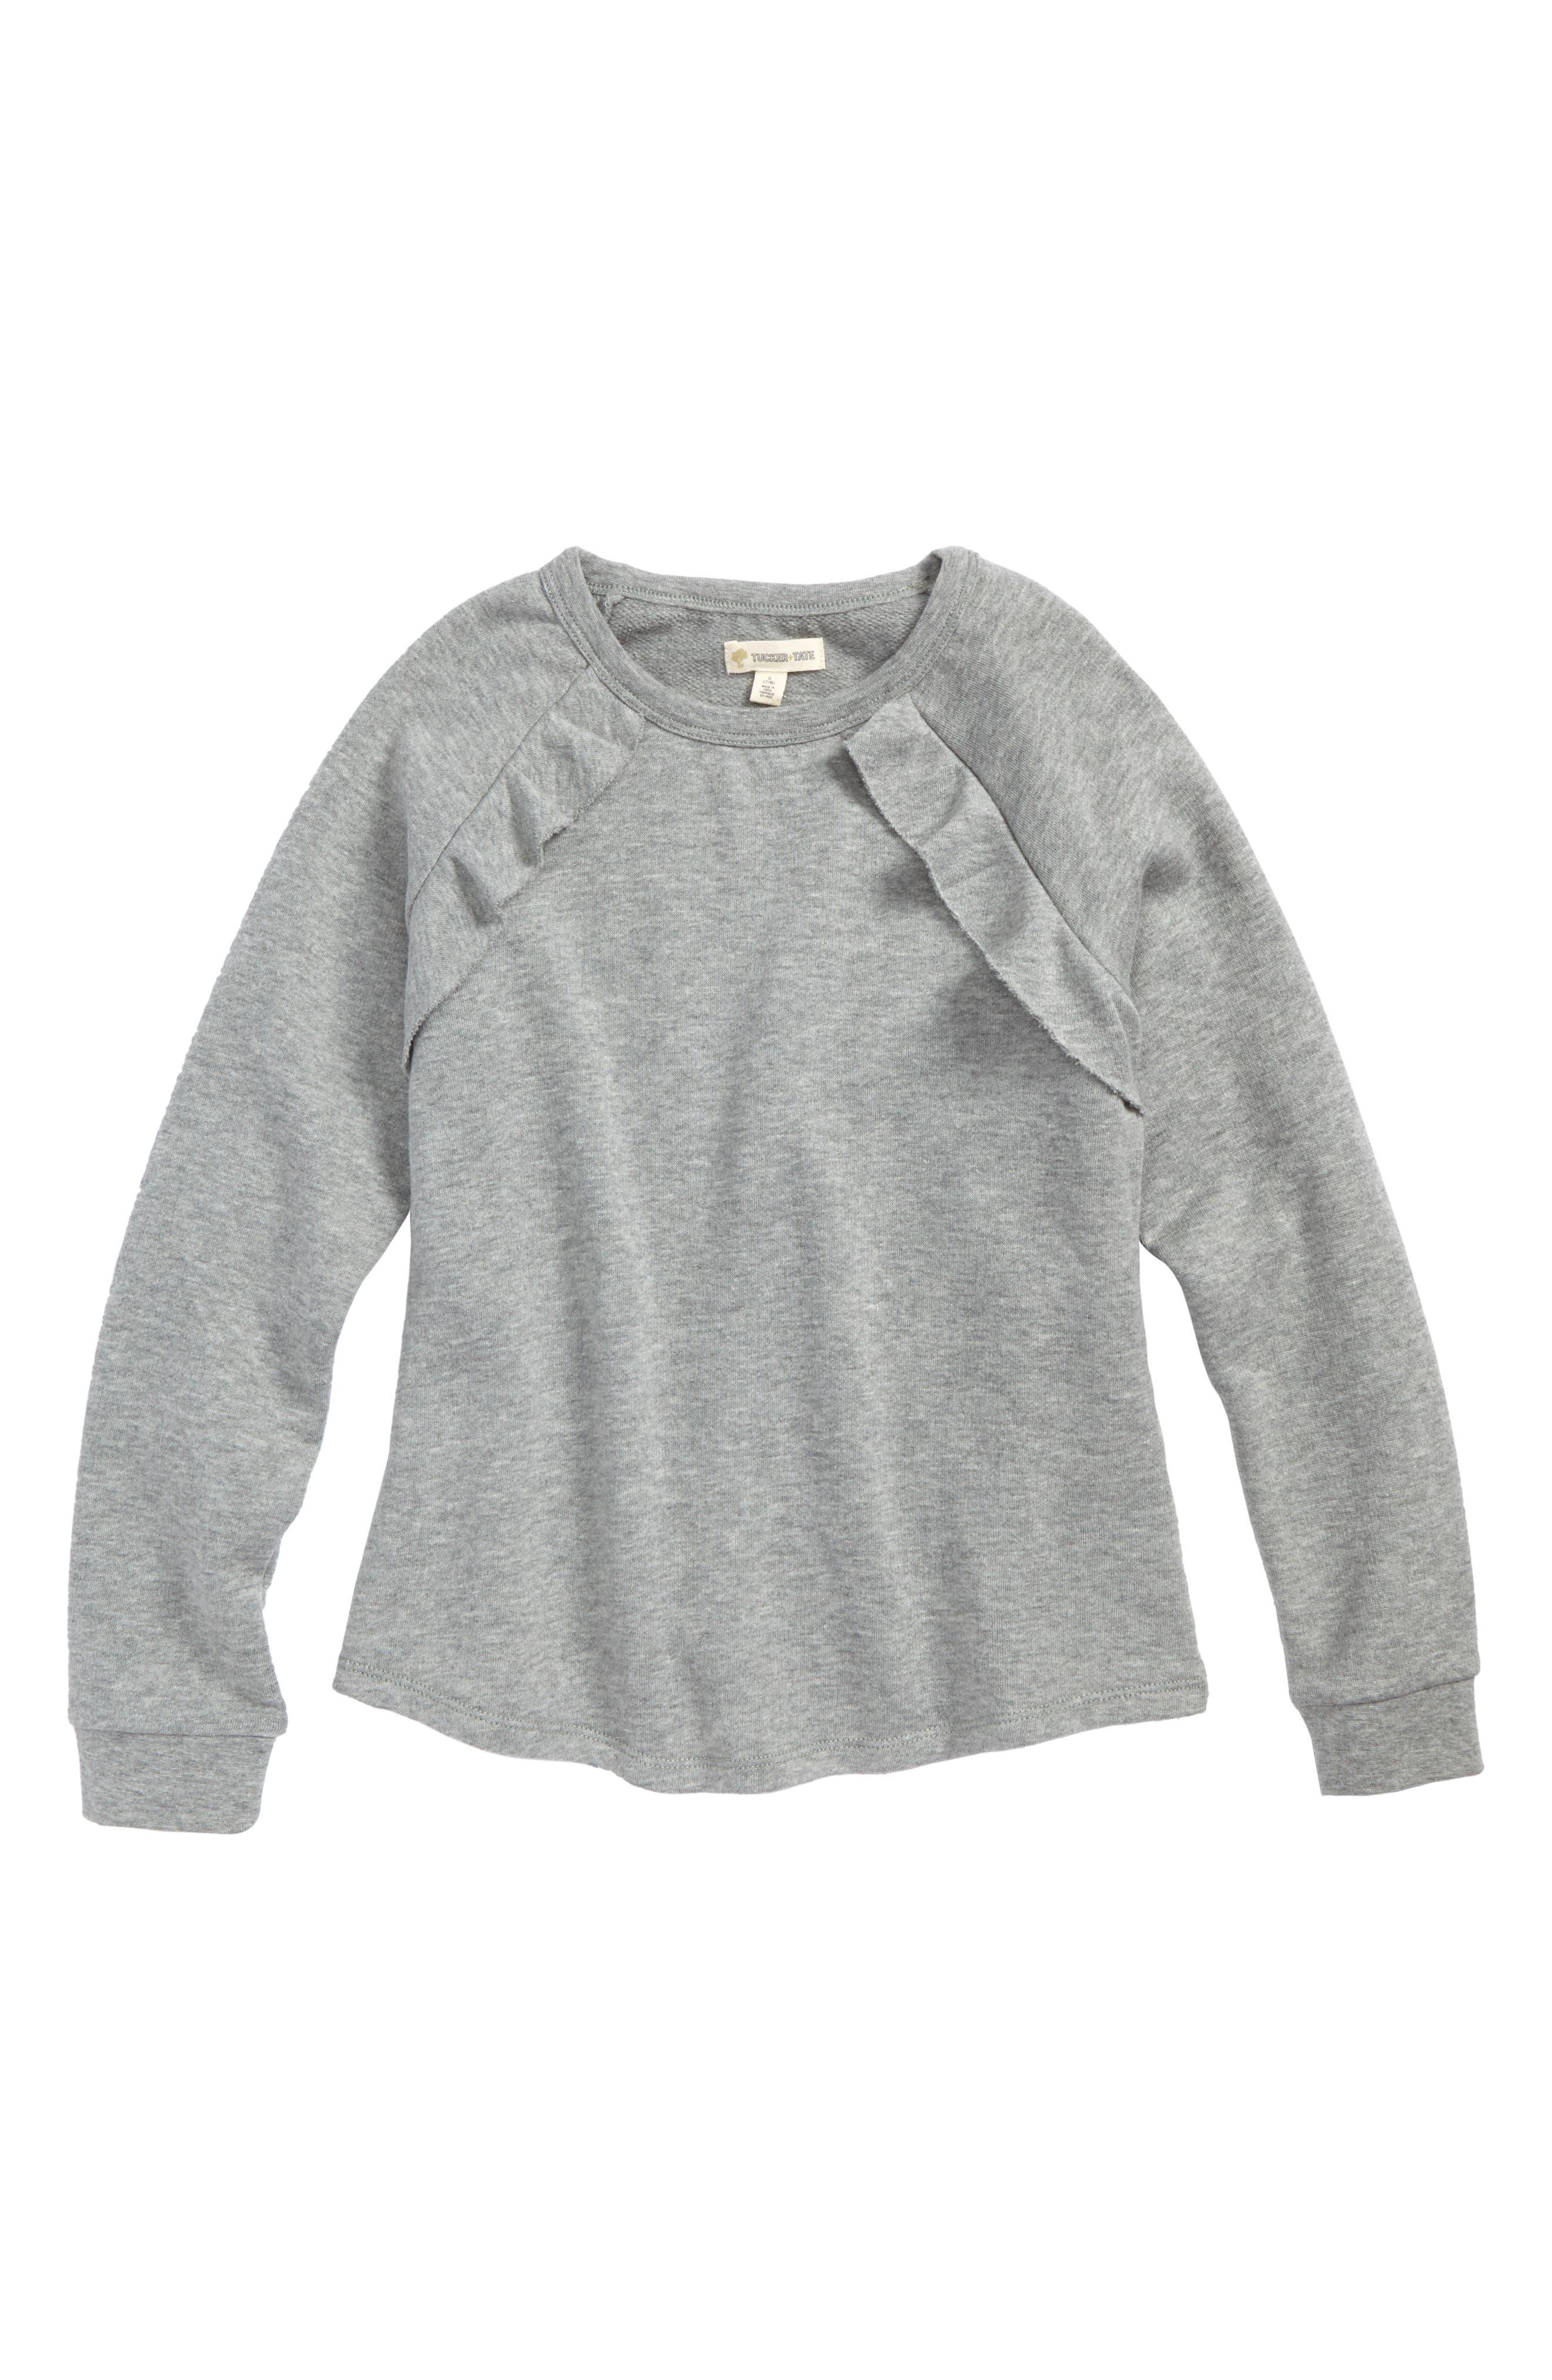 Ruffle Fleece Sweatshirt,                             Main thumbnail 1, color,                             030